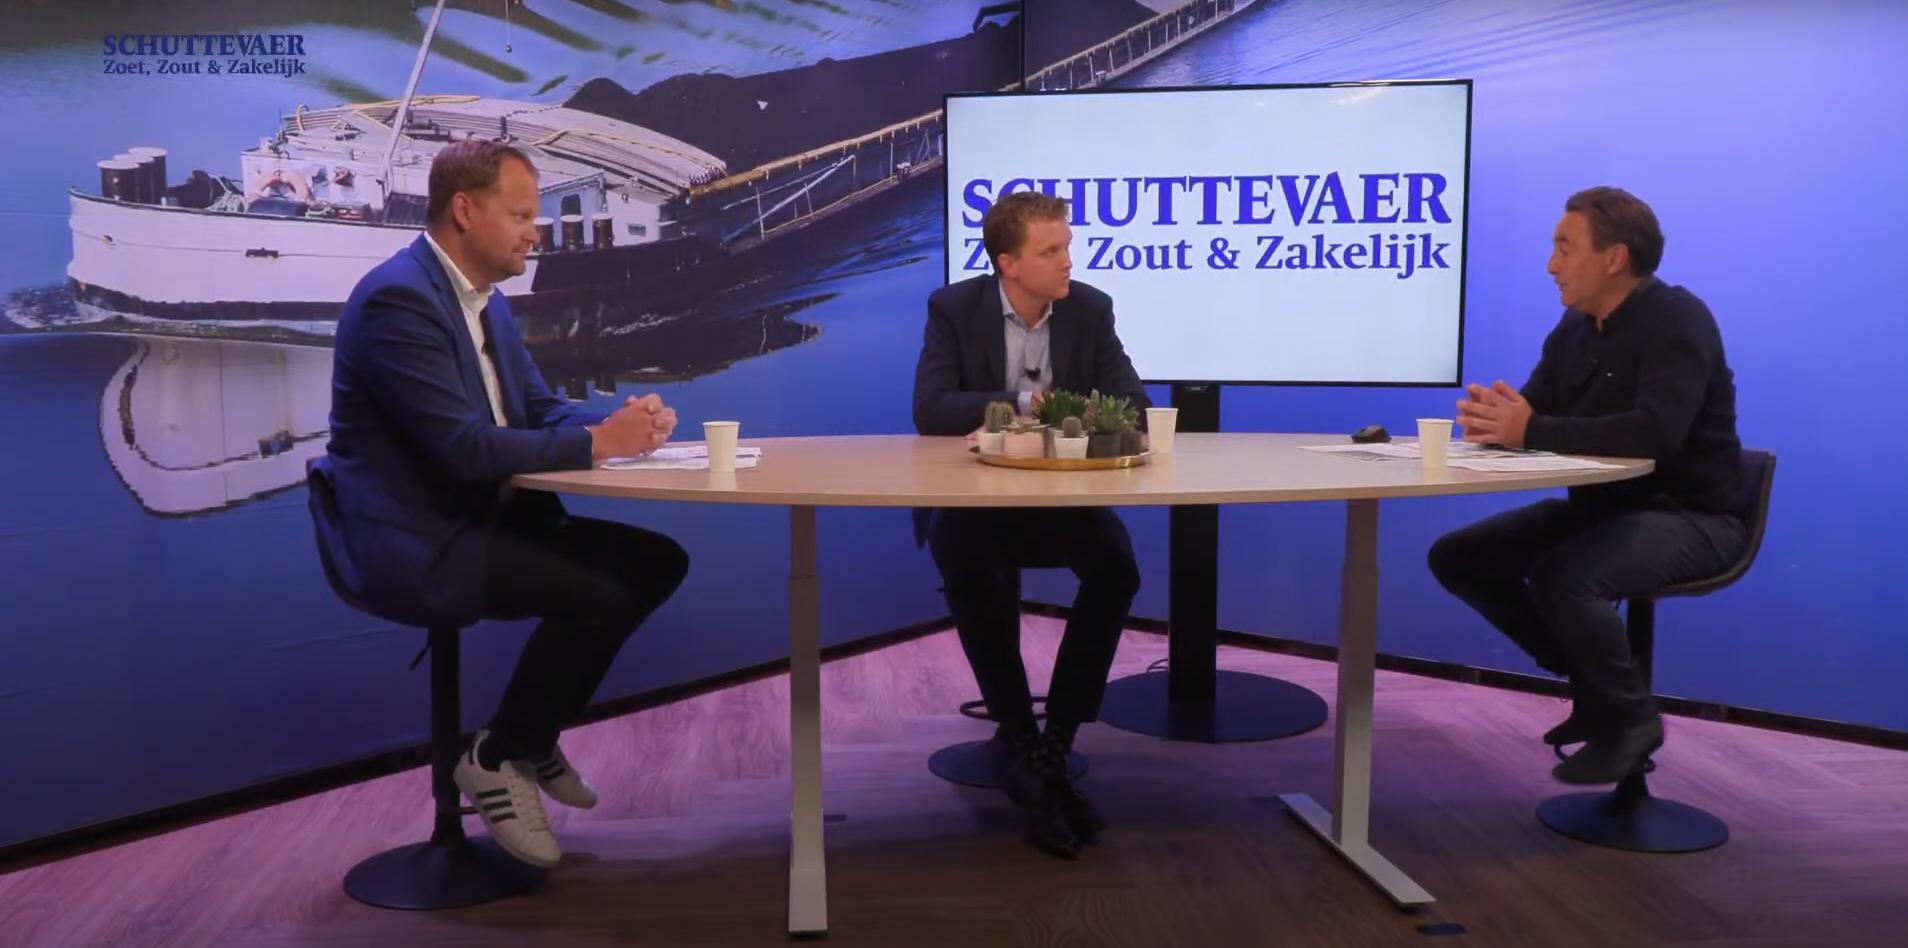 Nick Lurkin (KVNR) en Erik Salverda (NMT) in de uitzending van Studio Schuttevaer. (Beeld uit uitzending)